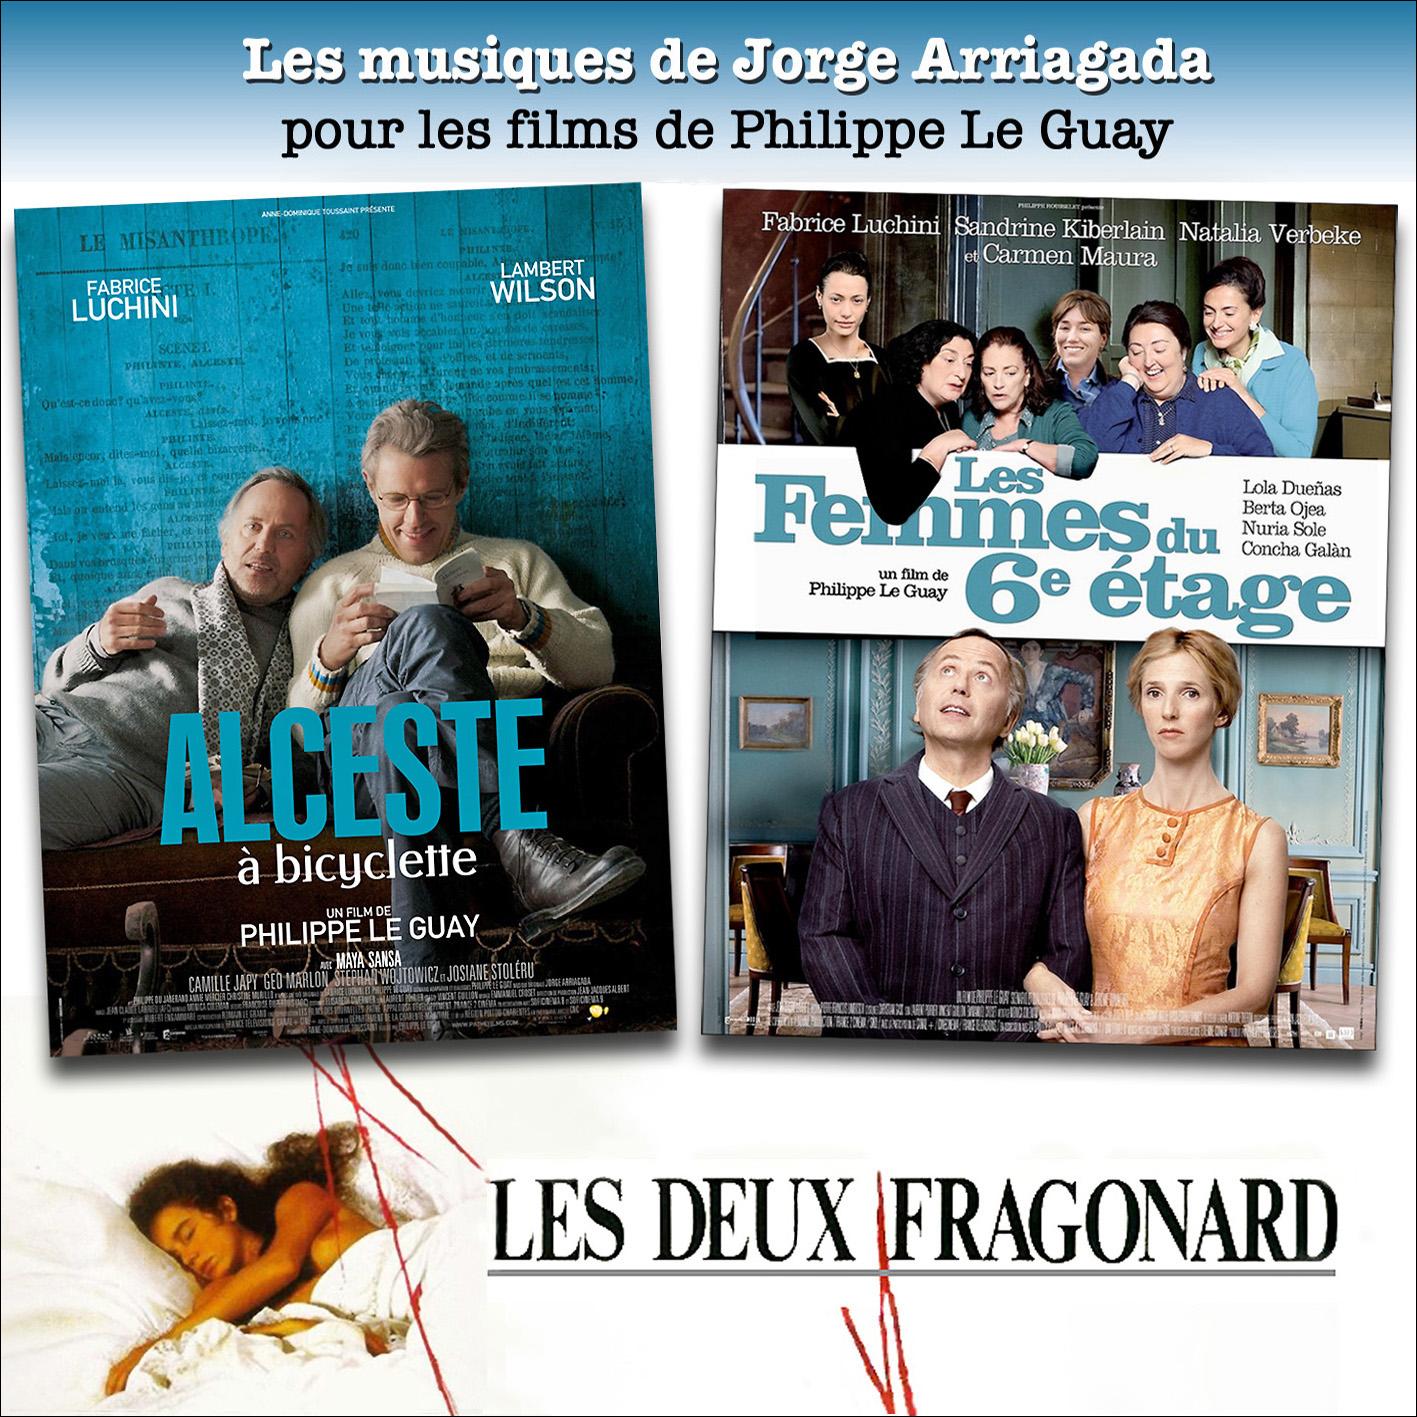 Les deux Fragonard (1989)